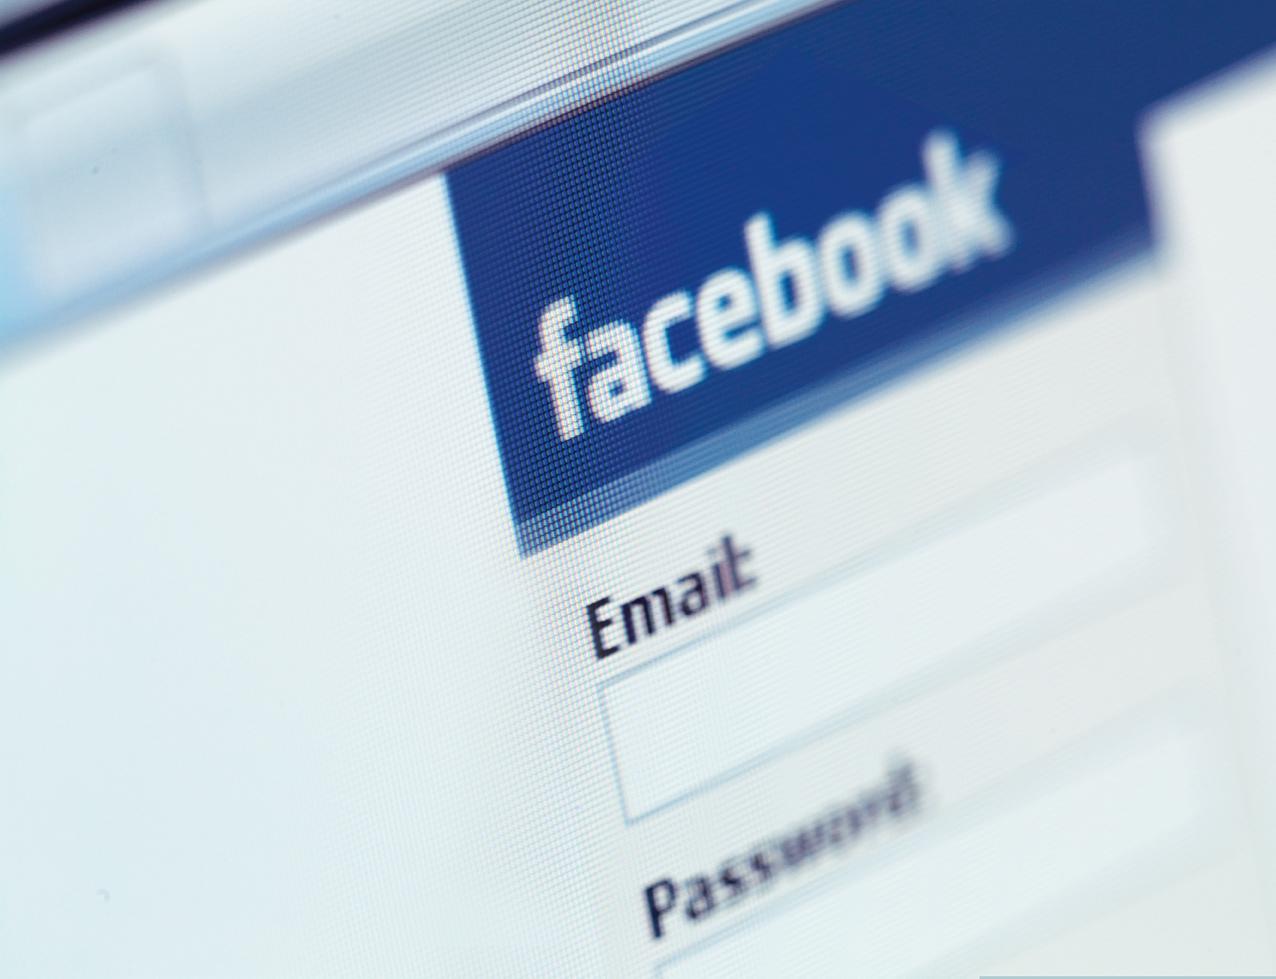 Site de encontros rouba dados de 1 milhão de contas do Facebook 43-Governo-brit%C3%A2nico-pede-conselhos-no-Facebook-para-a-combater-a-crise